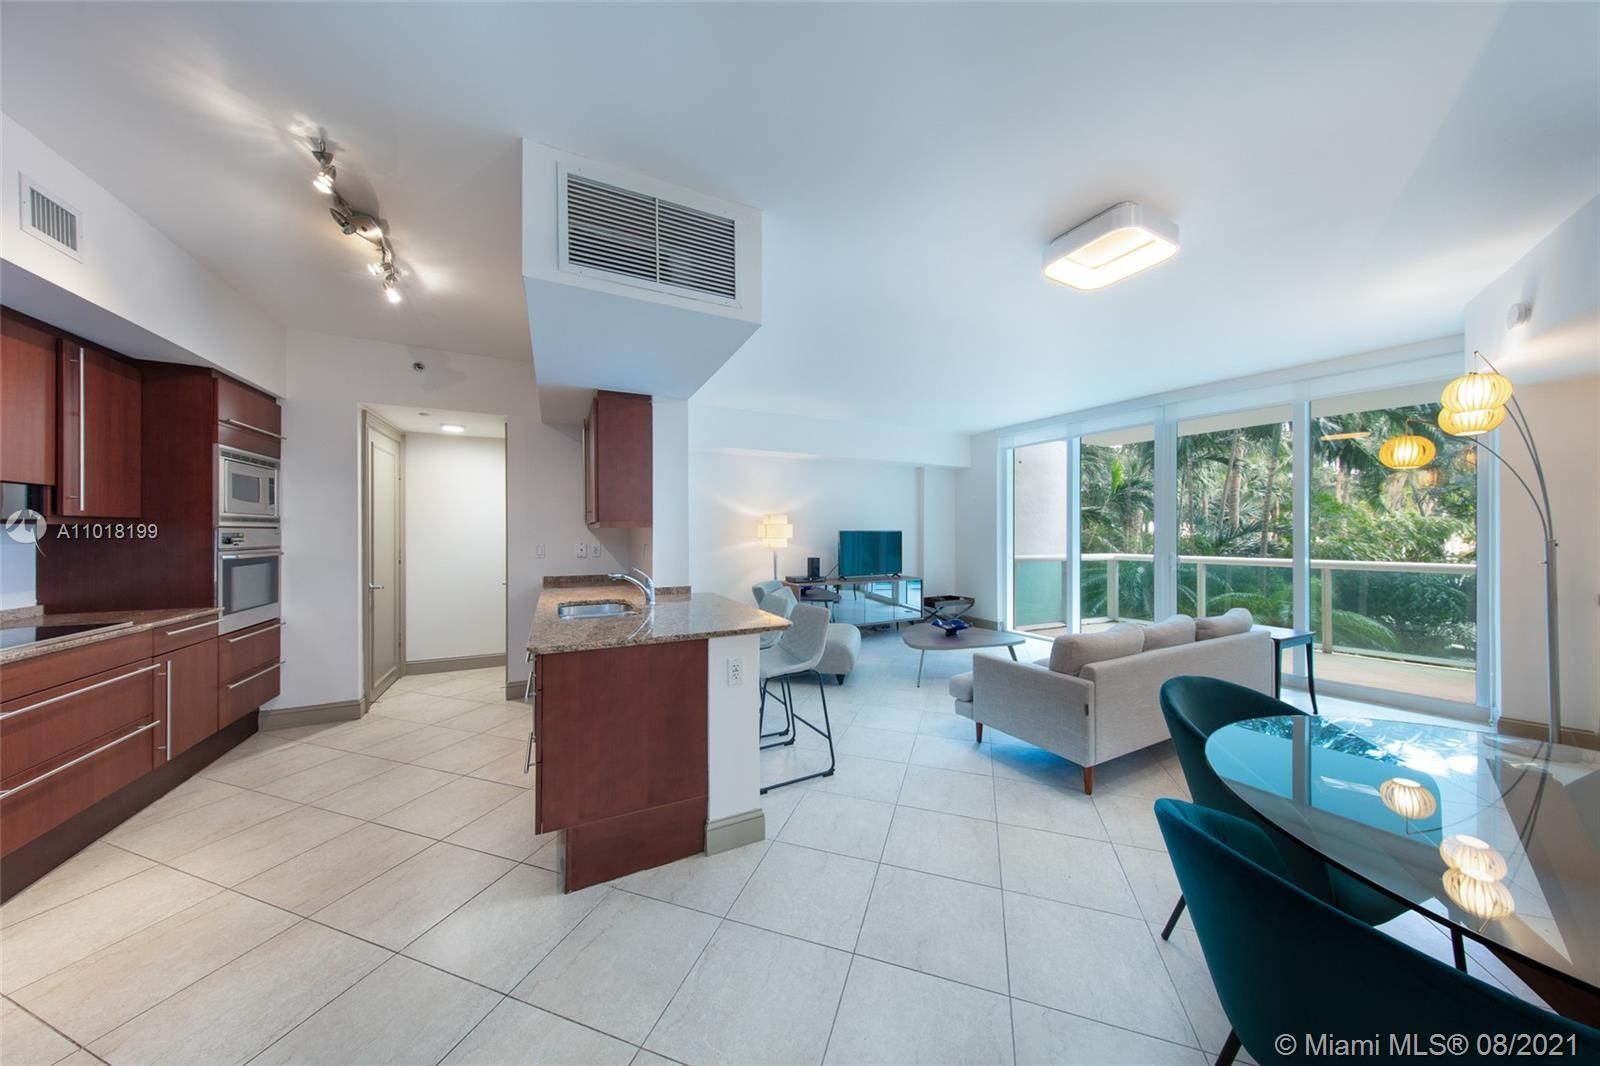 1000 S Pointe Dr #406, Miami Beach, FL 33139 - #: A11018199